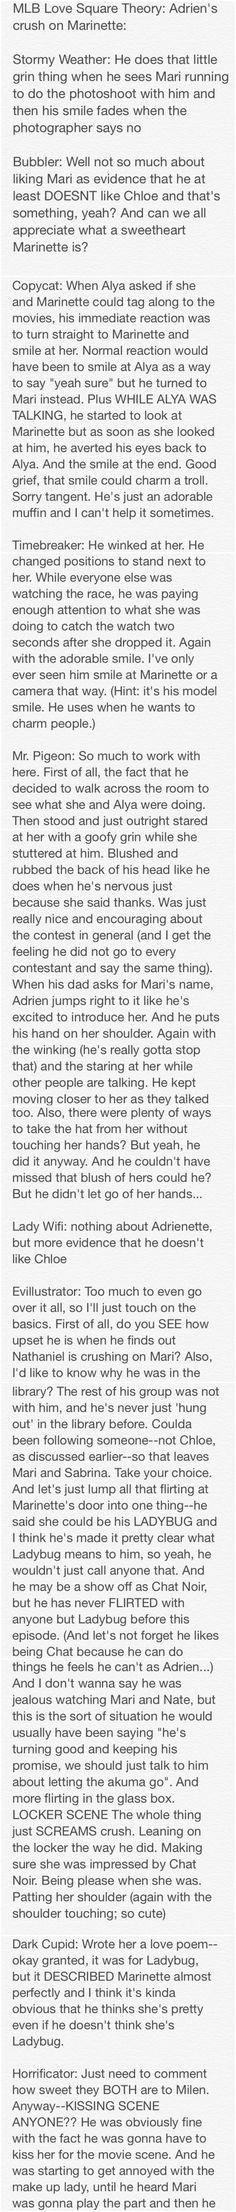 Adrien's Crush pt.1